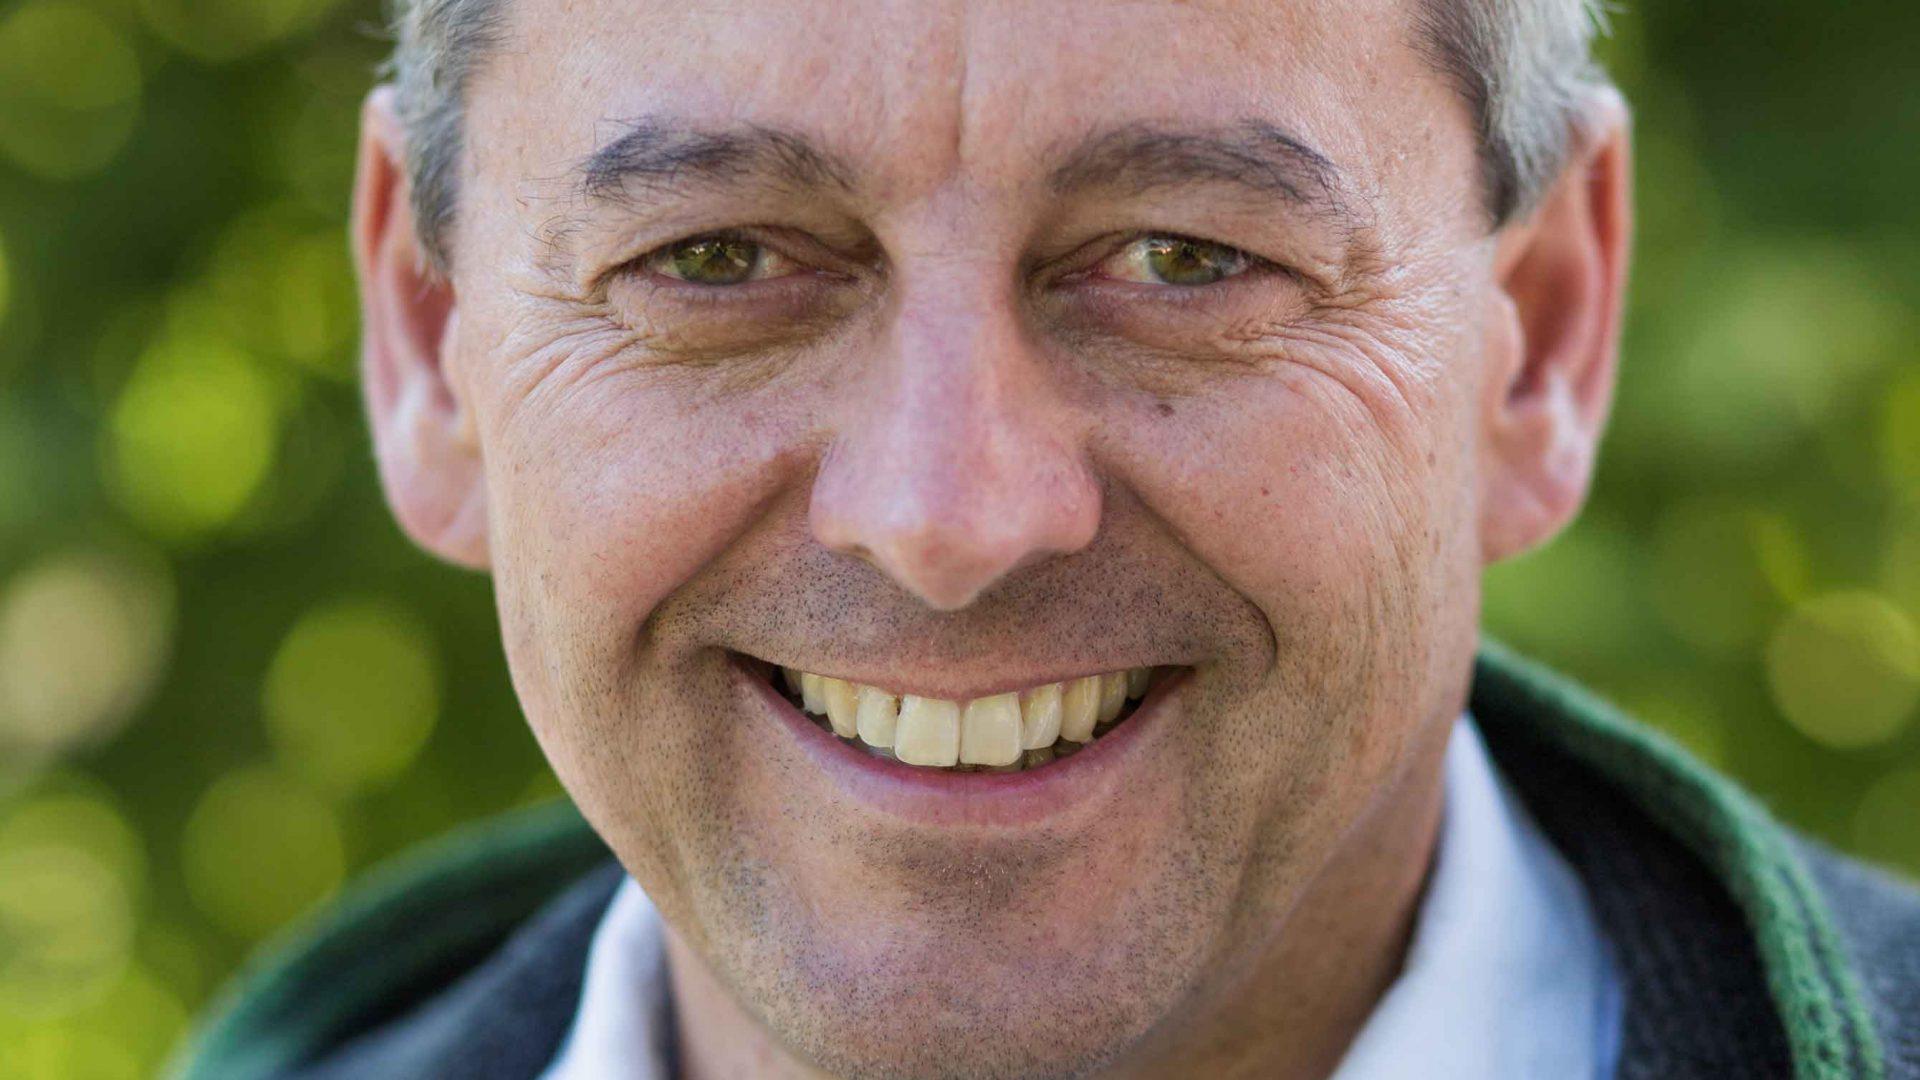 Johannes Schweighofer ist noch bis 5. April 2018 Bürgermeister in Ebenau. (Bild: ZVG)